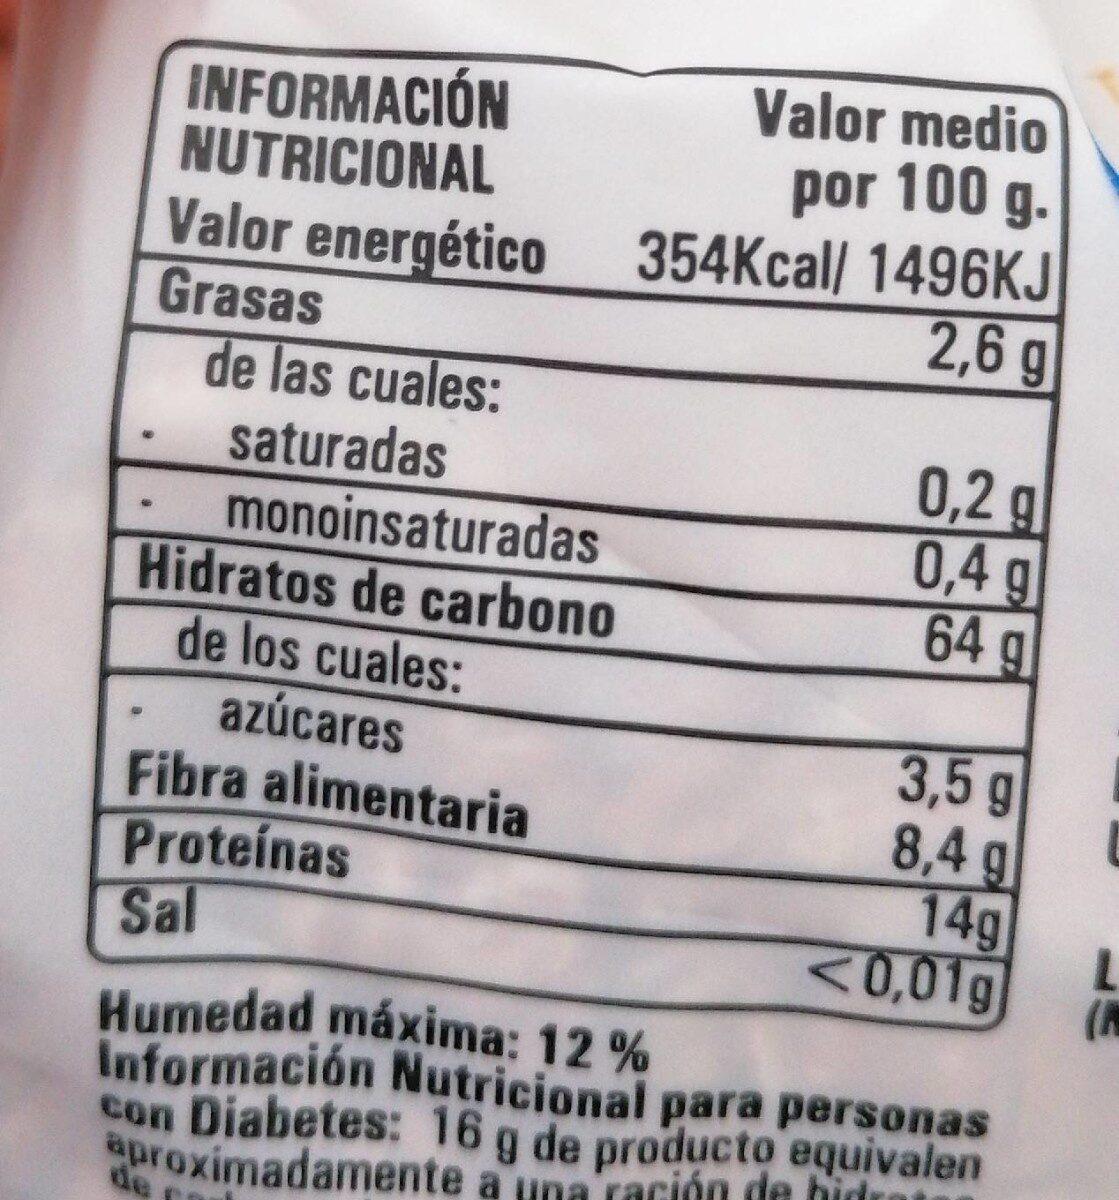 Copos de espelta ecológicos - Informació nutricional